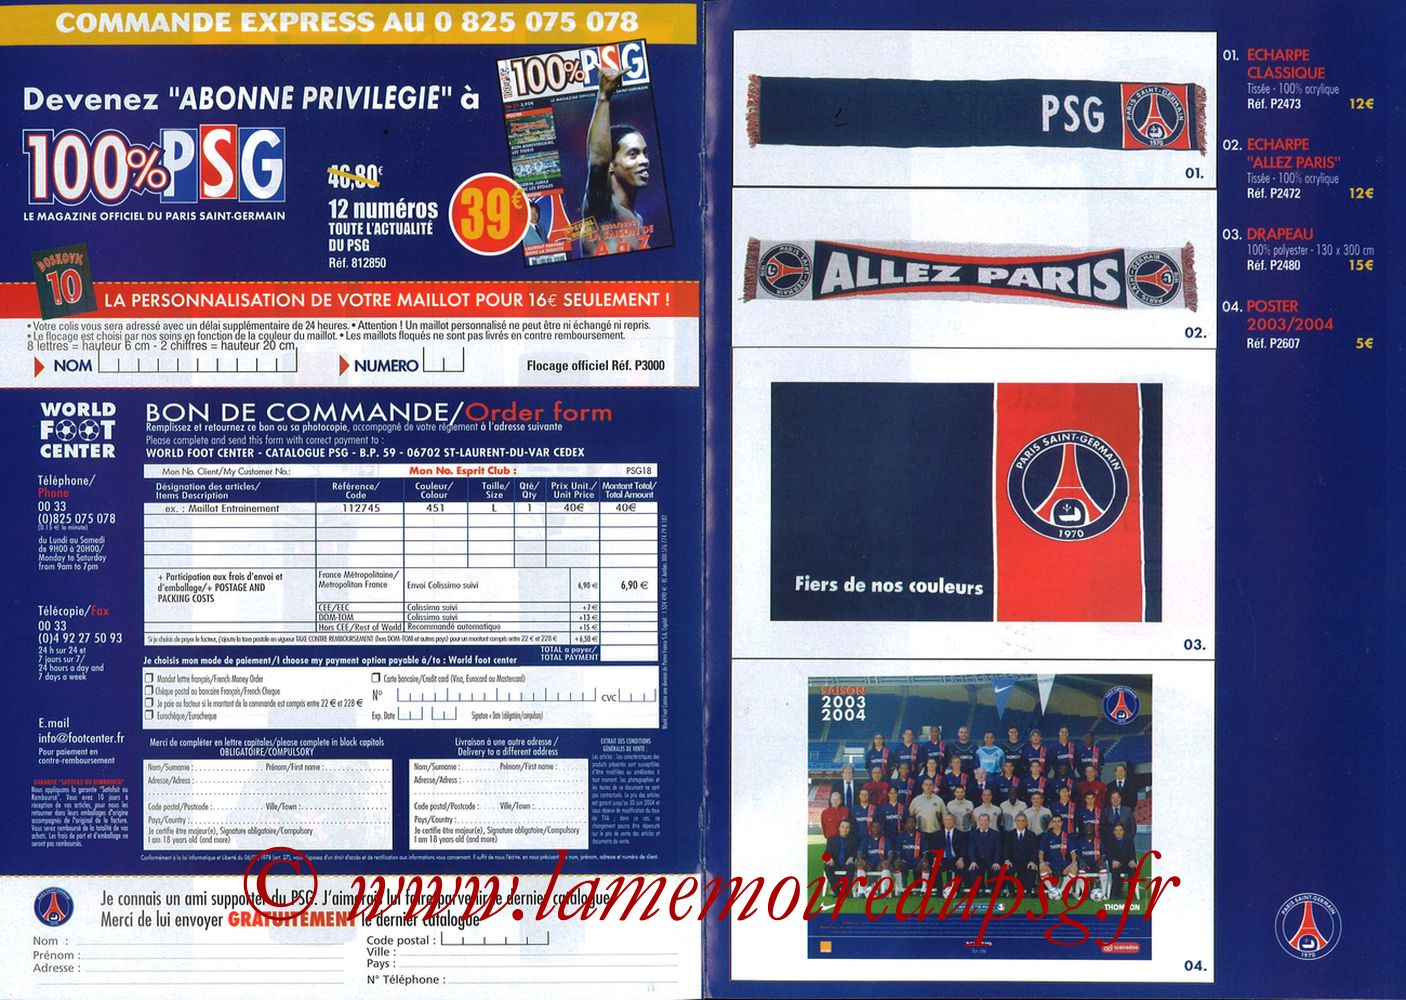 Catalogue PSG - 2003-04 - Pages 06 et 07